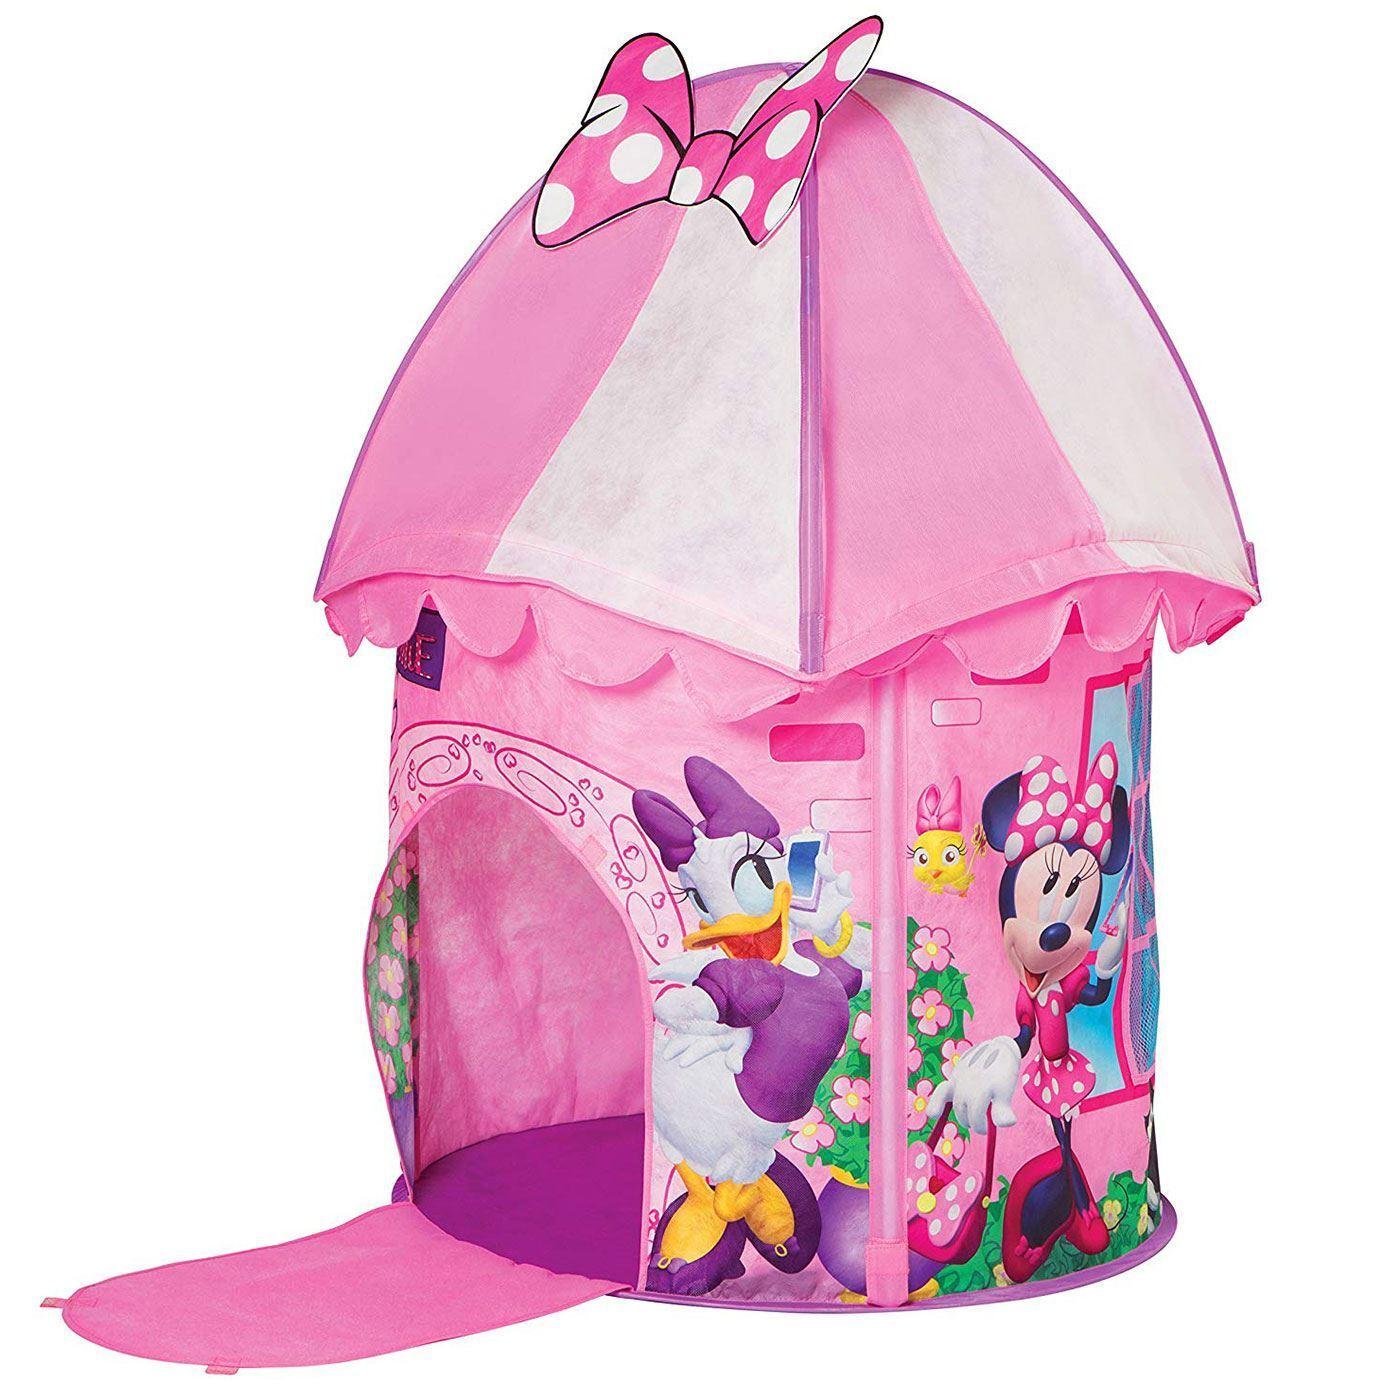 toma Minnie Minnie Minnie Mouse Happy Ayudantes Tienda Juguete Plegable Cubierta Al Aire Libre  mejor precio